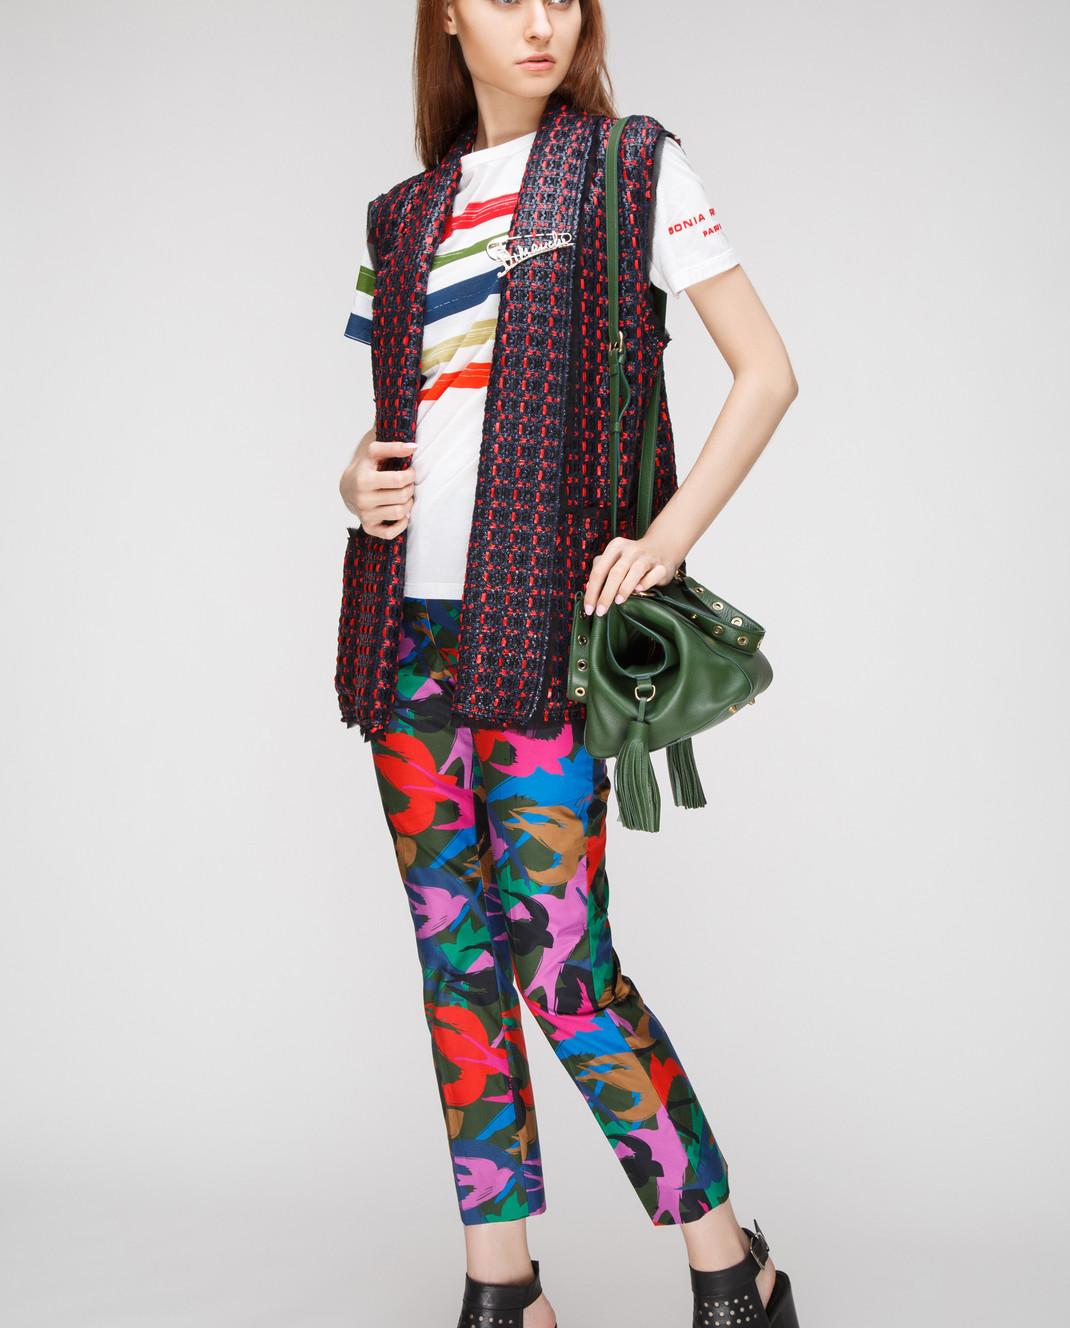 Sonia Rykiel Темно-зеленые брюки 15329342 изображение 2